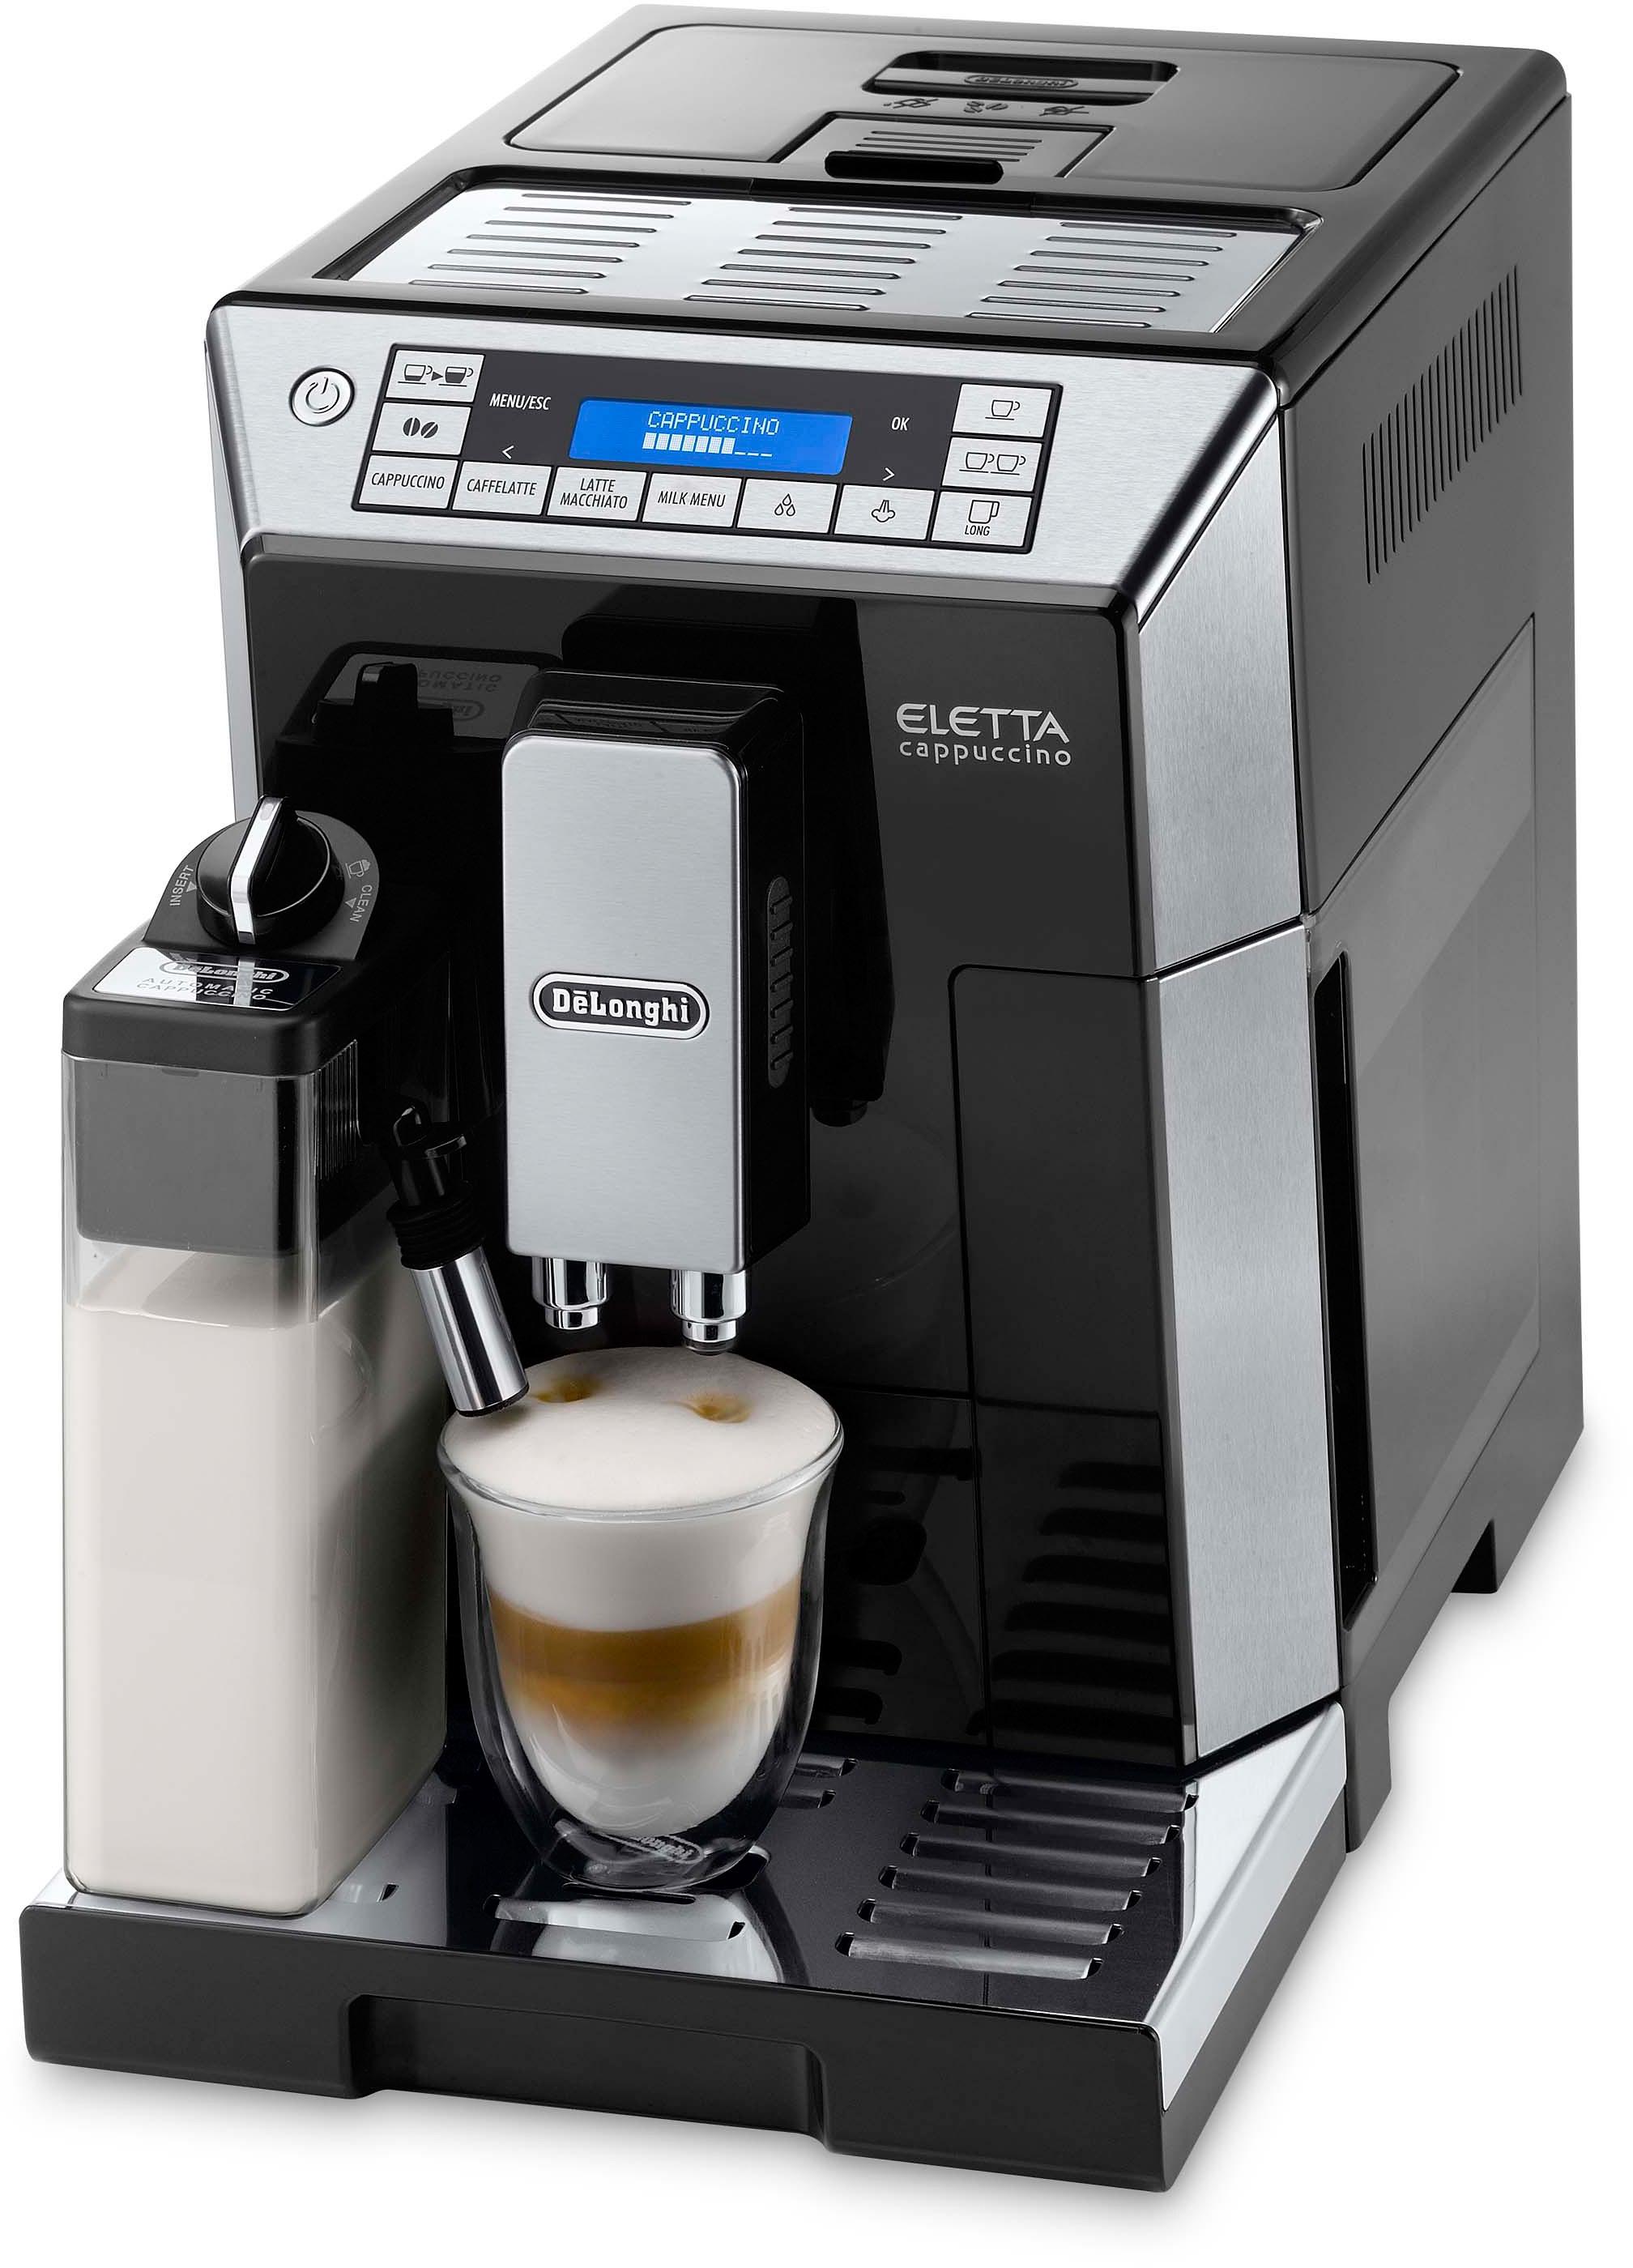 Delonghi Koffiezetapparaat ECAM 45.766 B online kopen op otto.nl